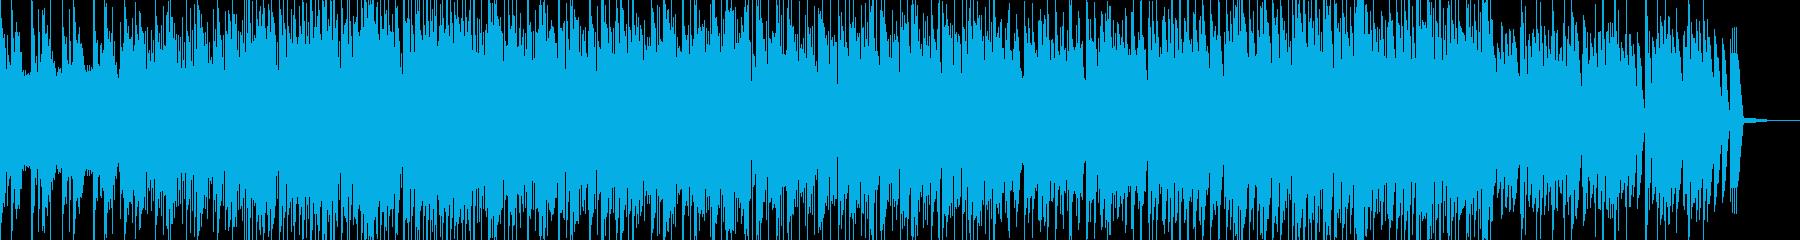 やさしいメロディとポップなリズムの曲の再生済みの波形